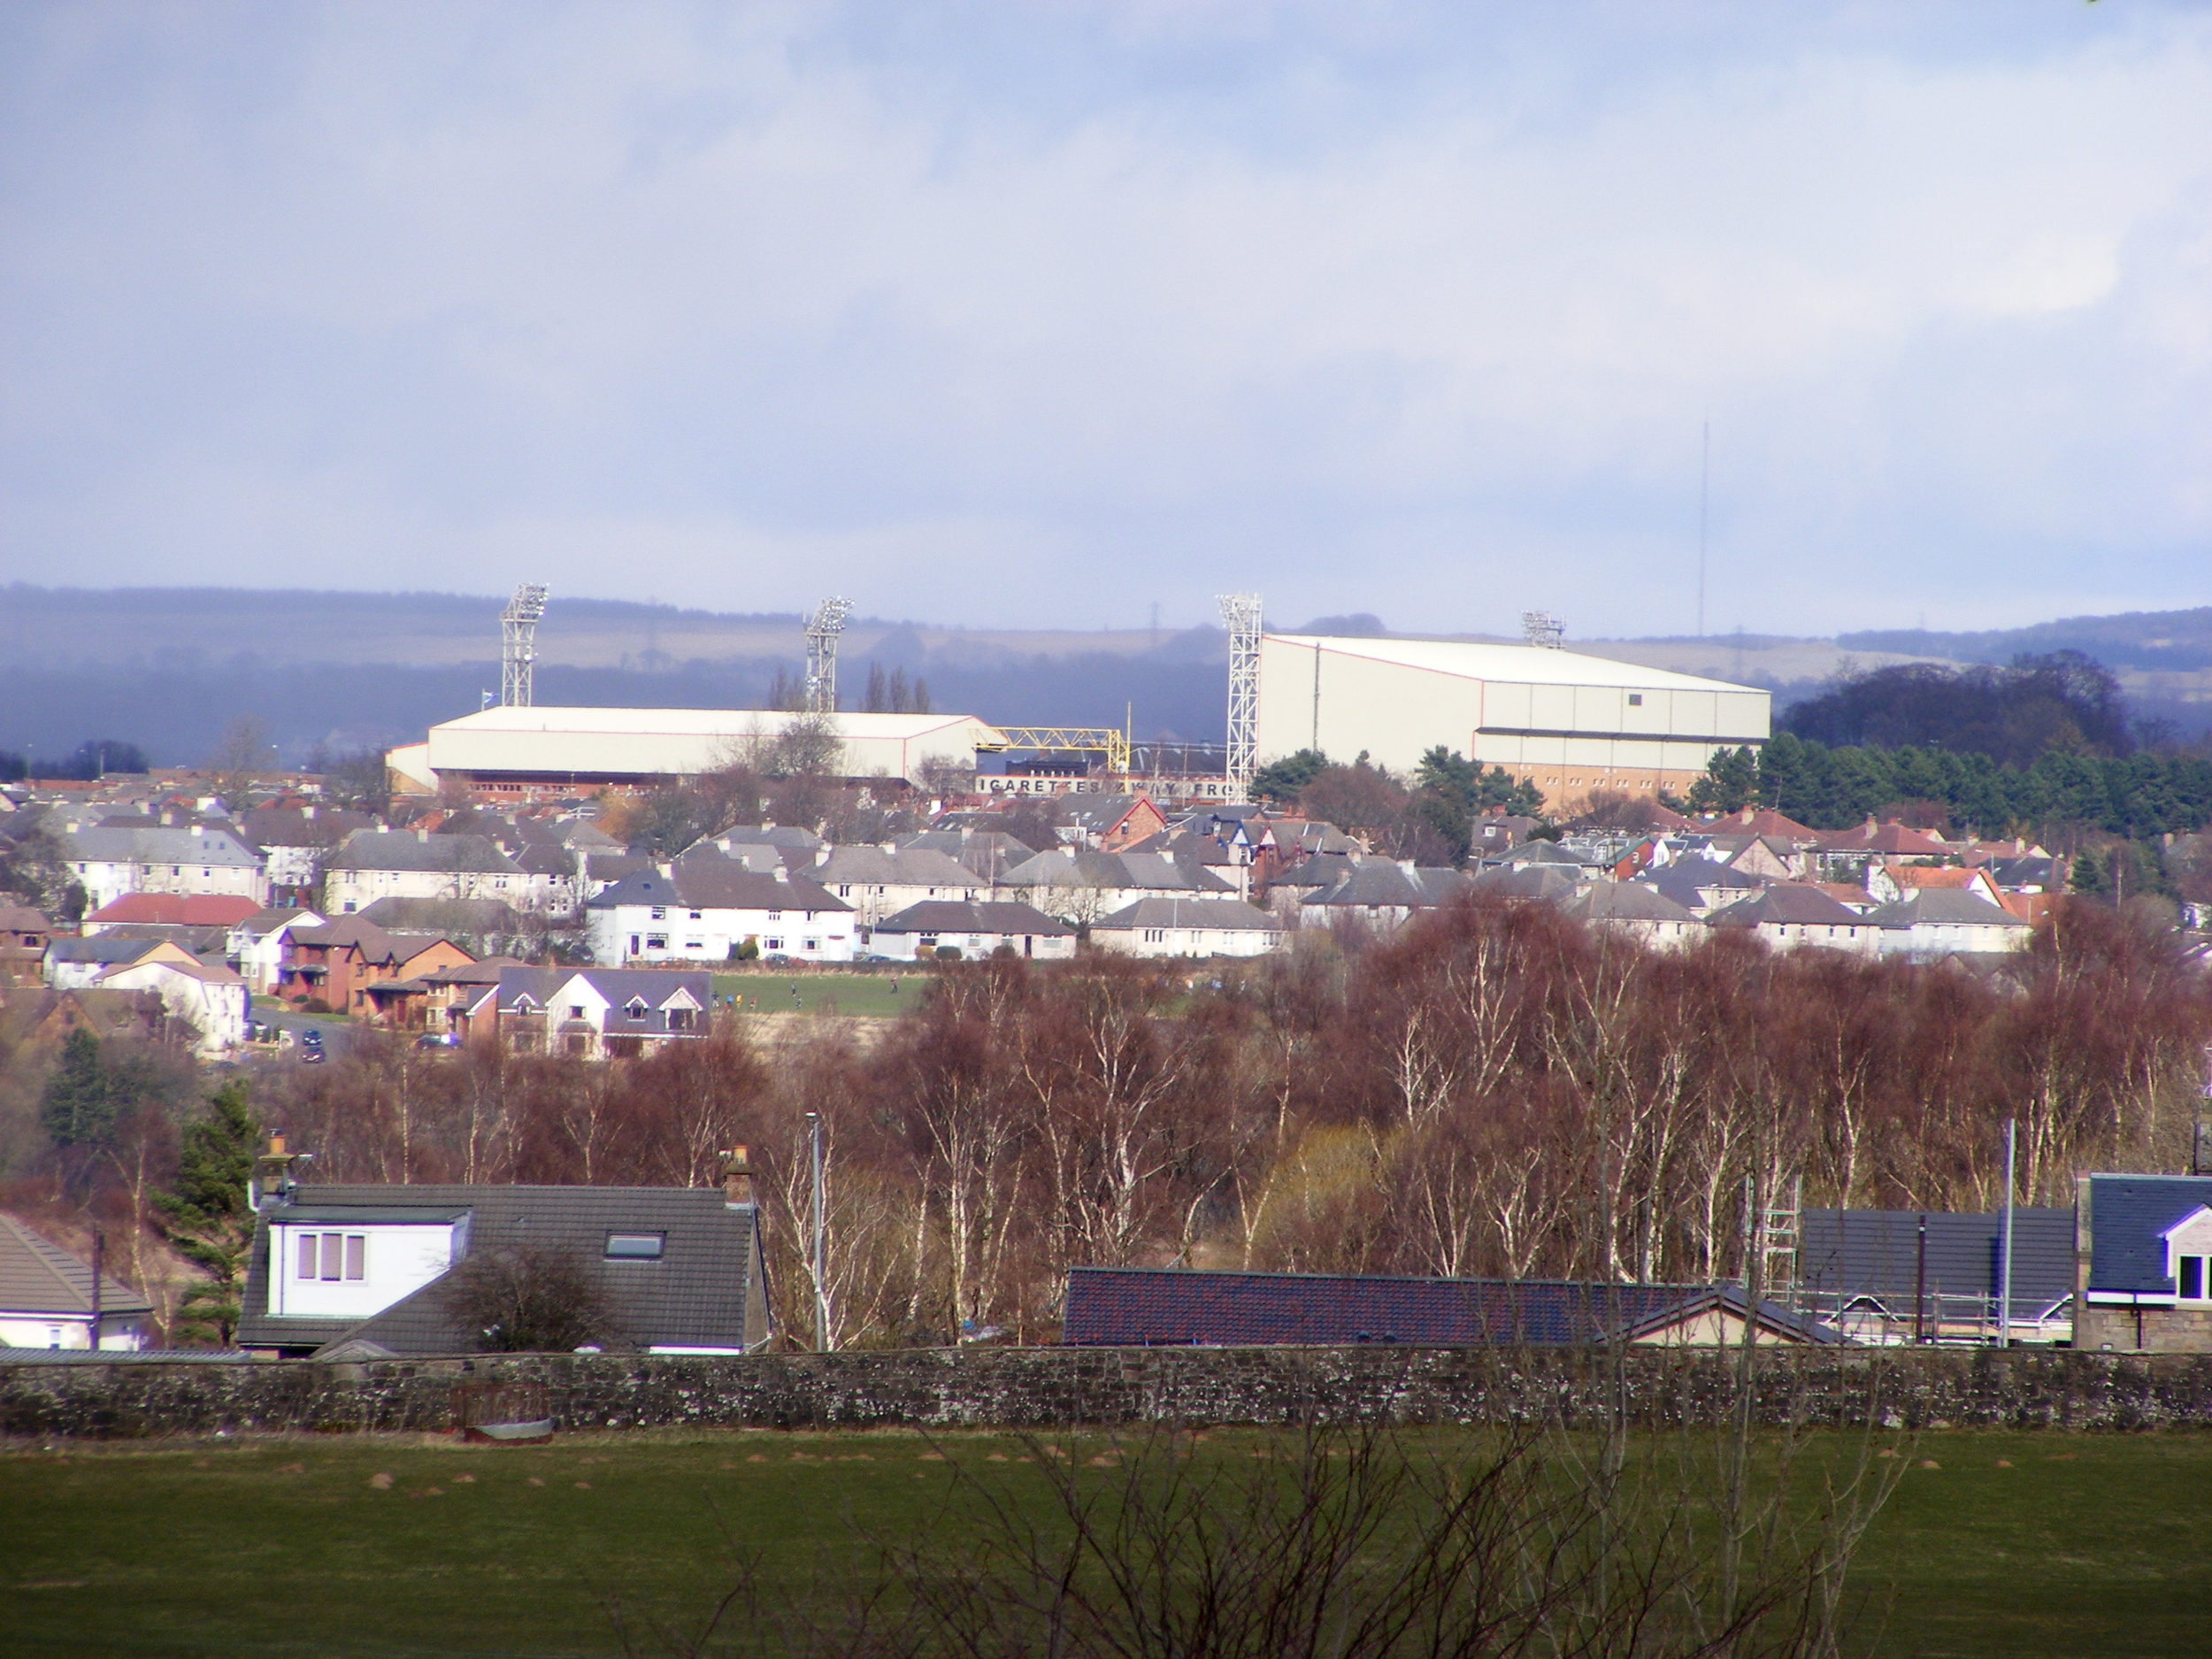 De lokale fans har altid støttet op, når Motherwell FC spiller hjemme på Fir Park. Fremover skal de også drive fodboldklubben via ny fond. Photo: Stewart Cutler / FLICKR/  CC BY-NC 2.0